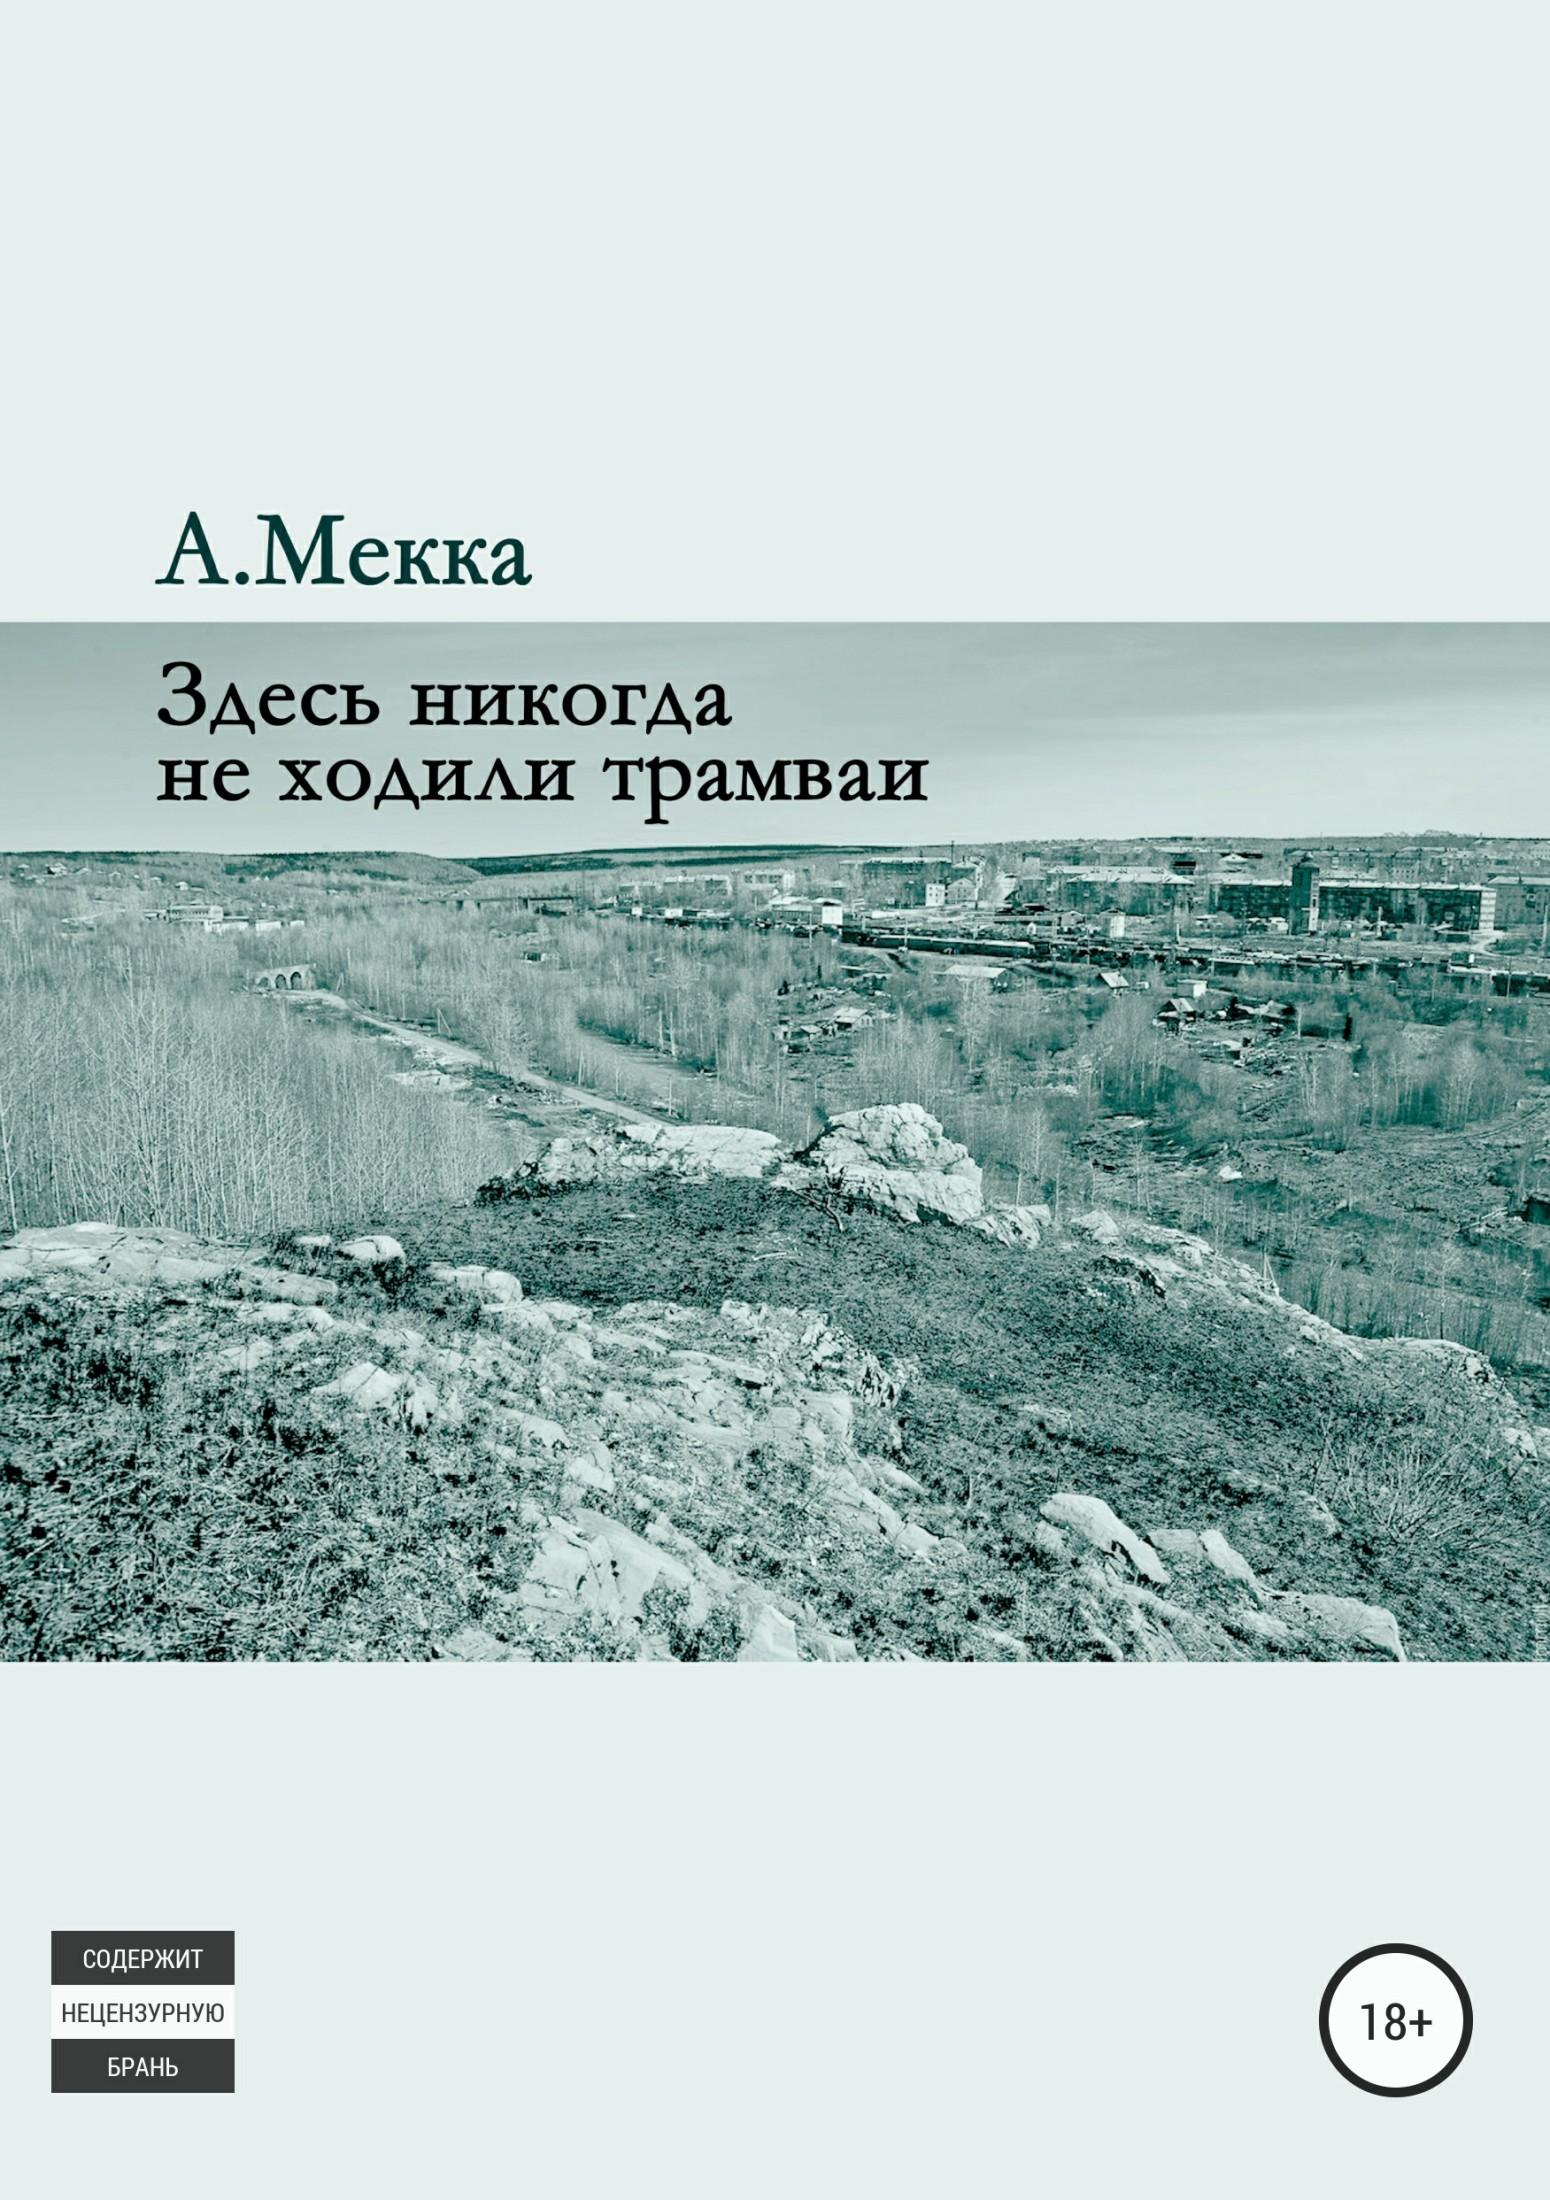 Алексей Витальевич Мекка бесплатно